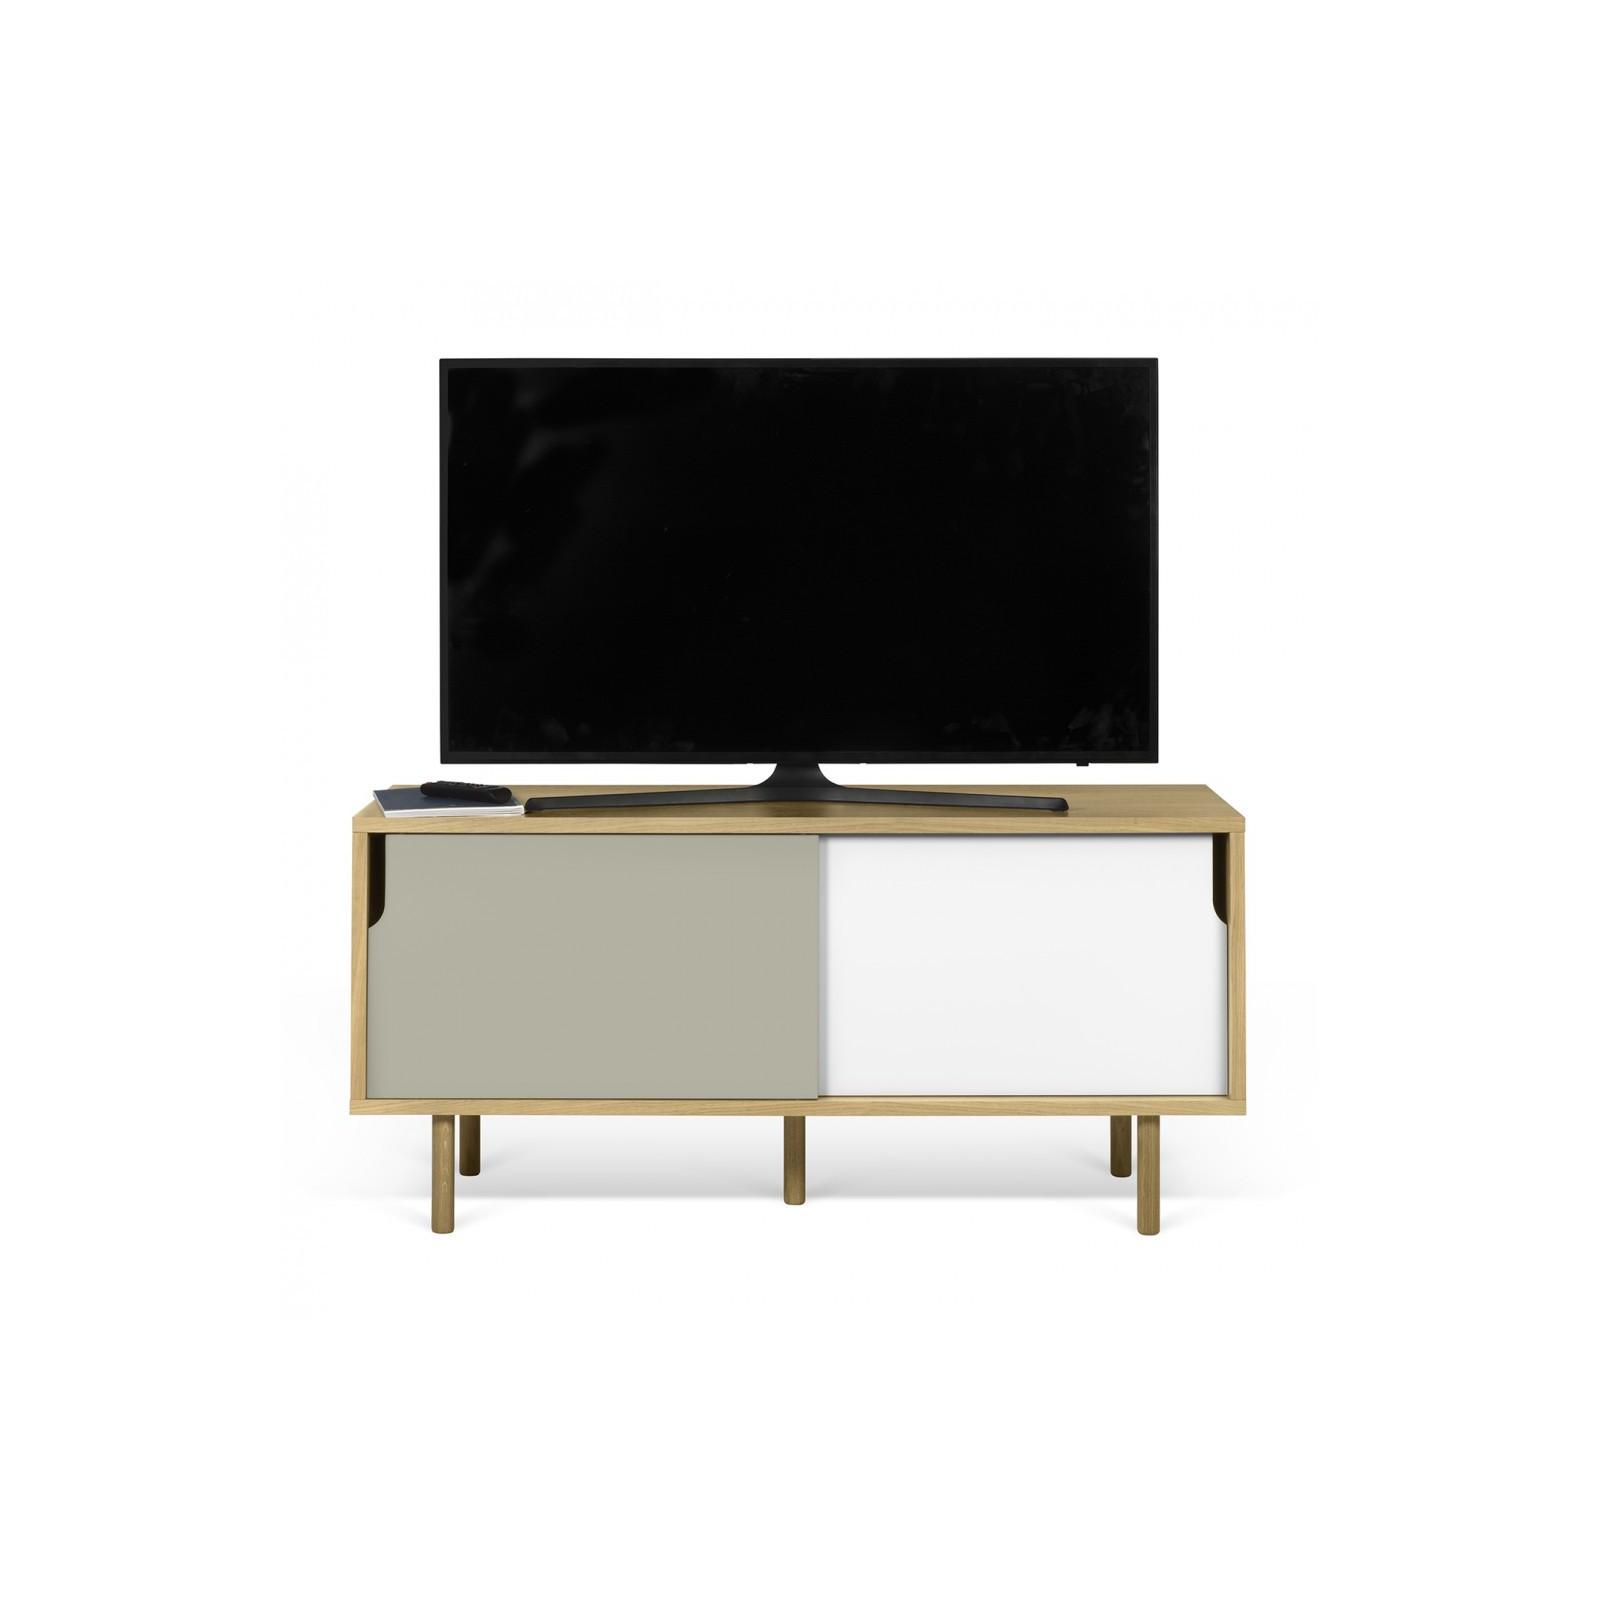 Meuble tv danois blanc et gris arne concept for Meuble tv blanc gris